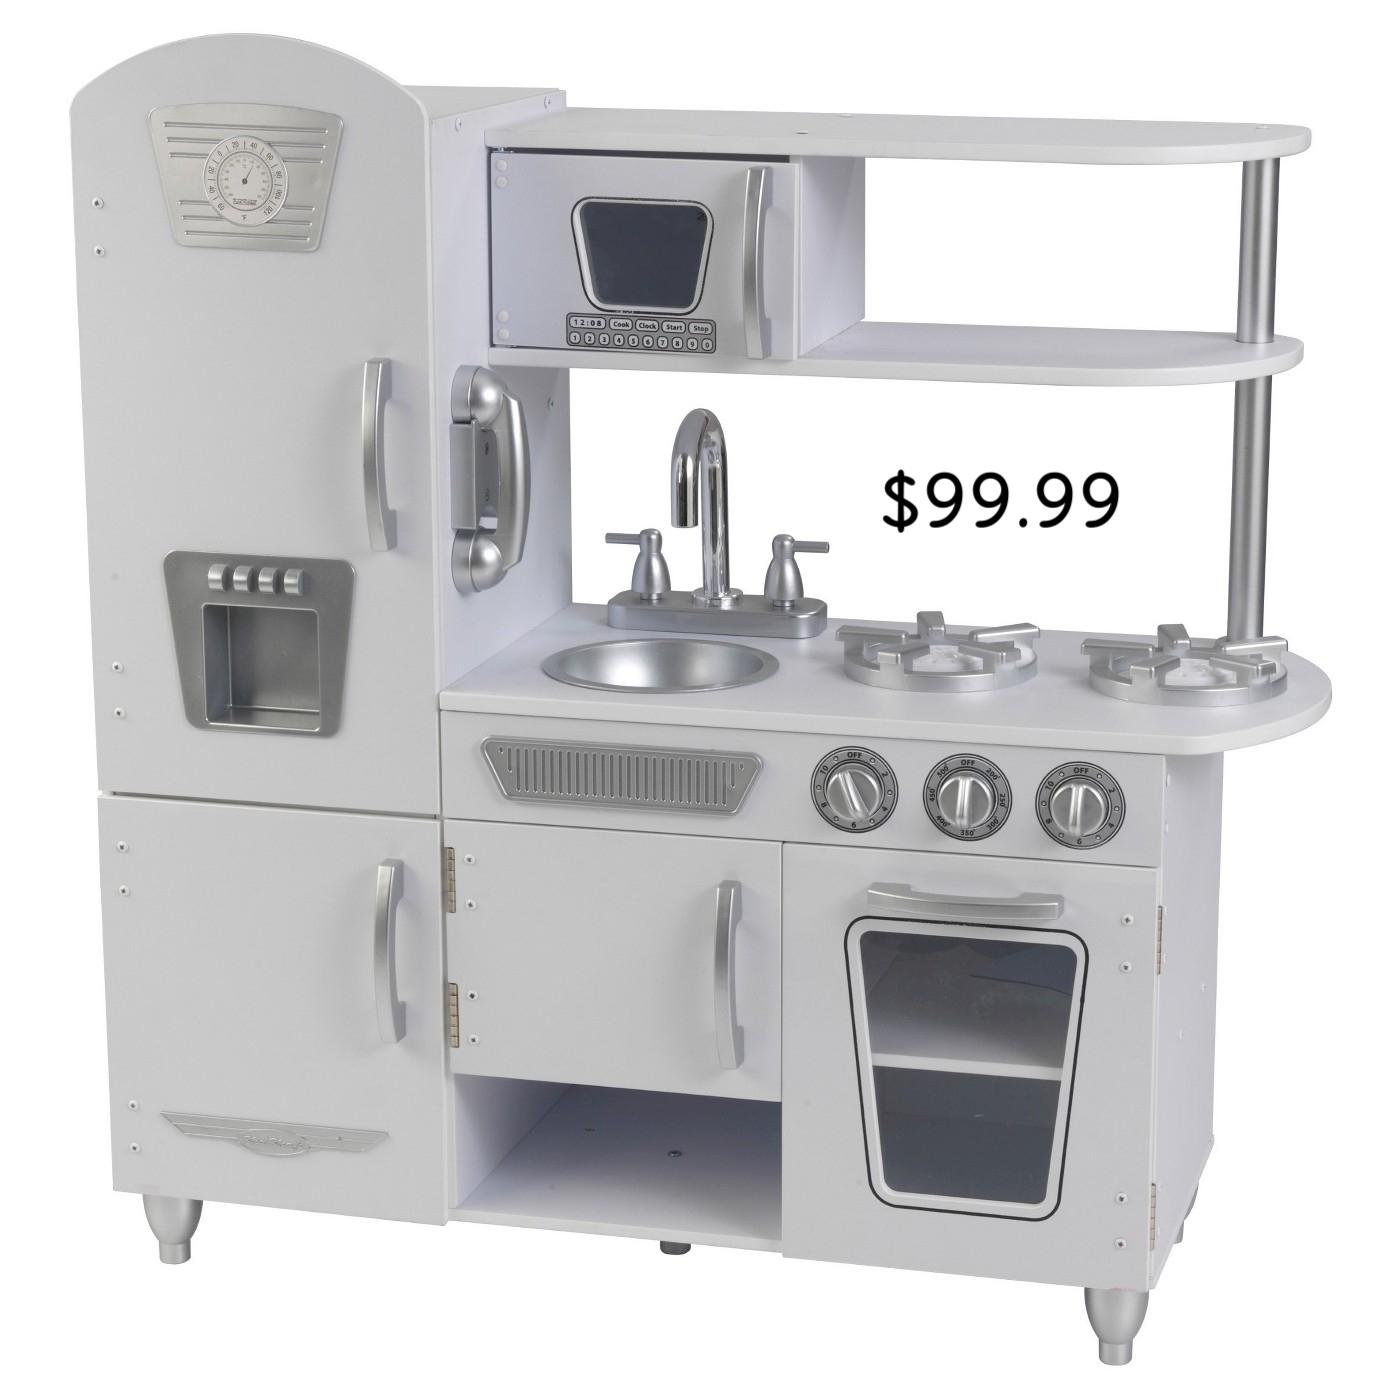 kitchen FO.jpg